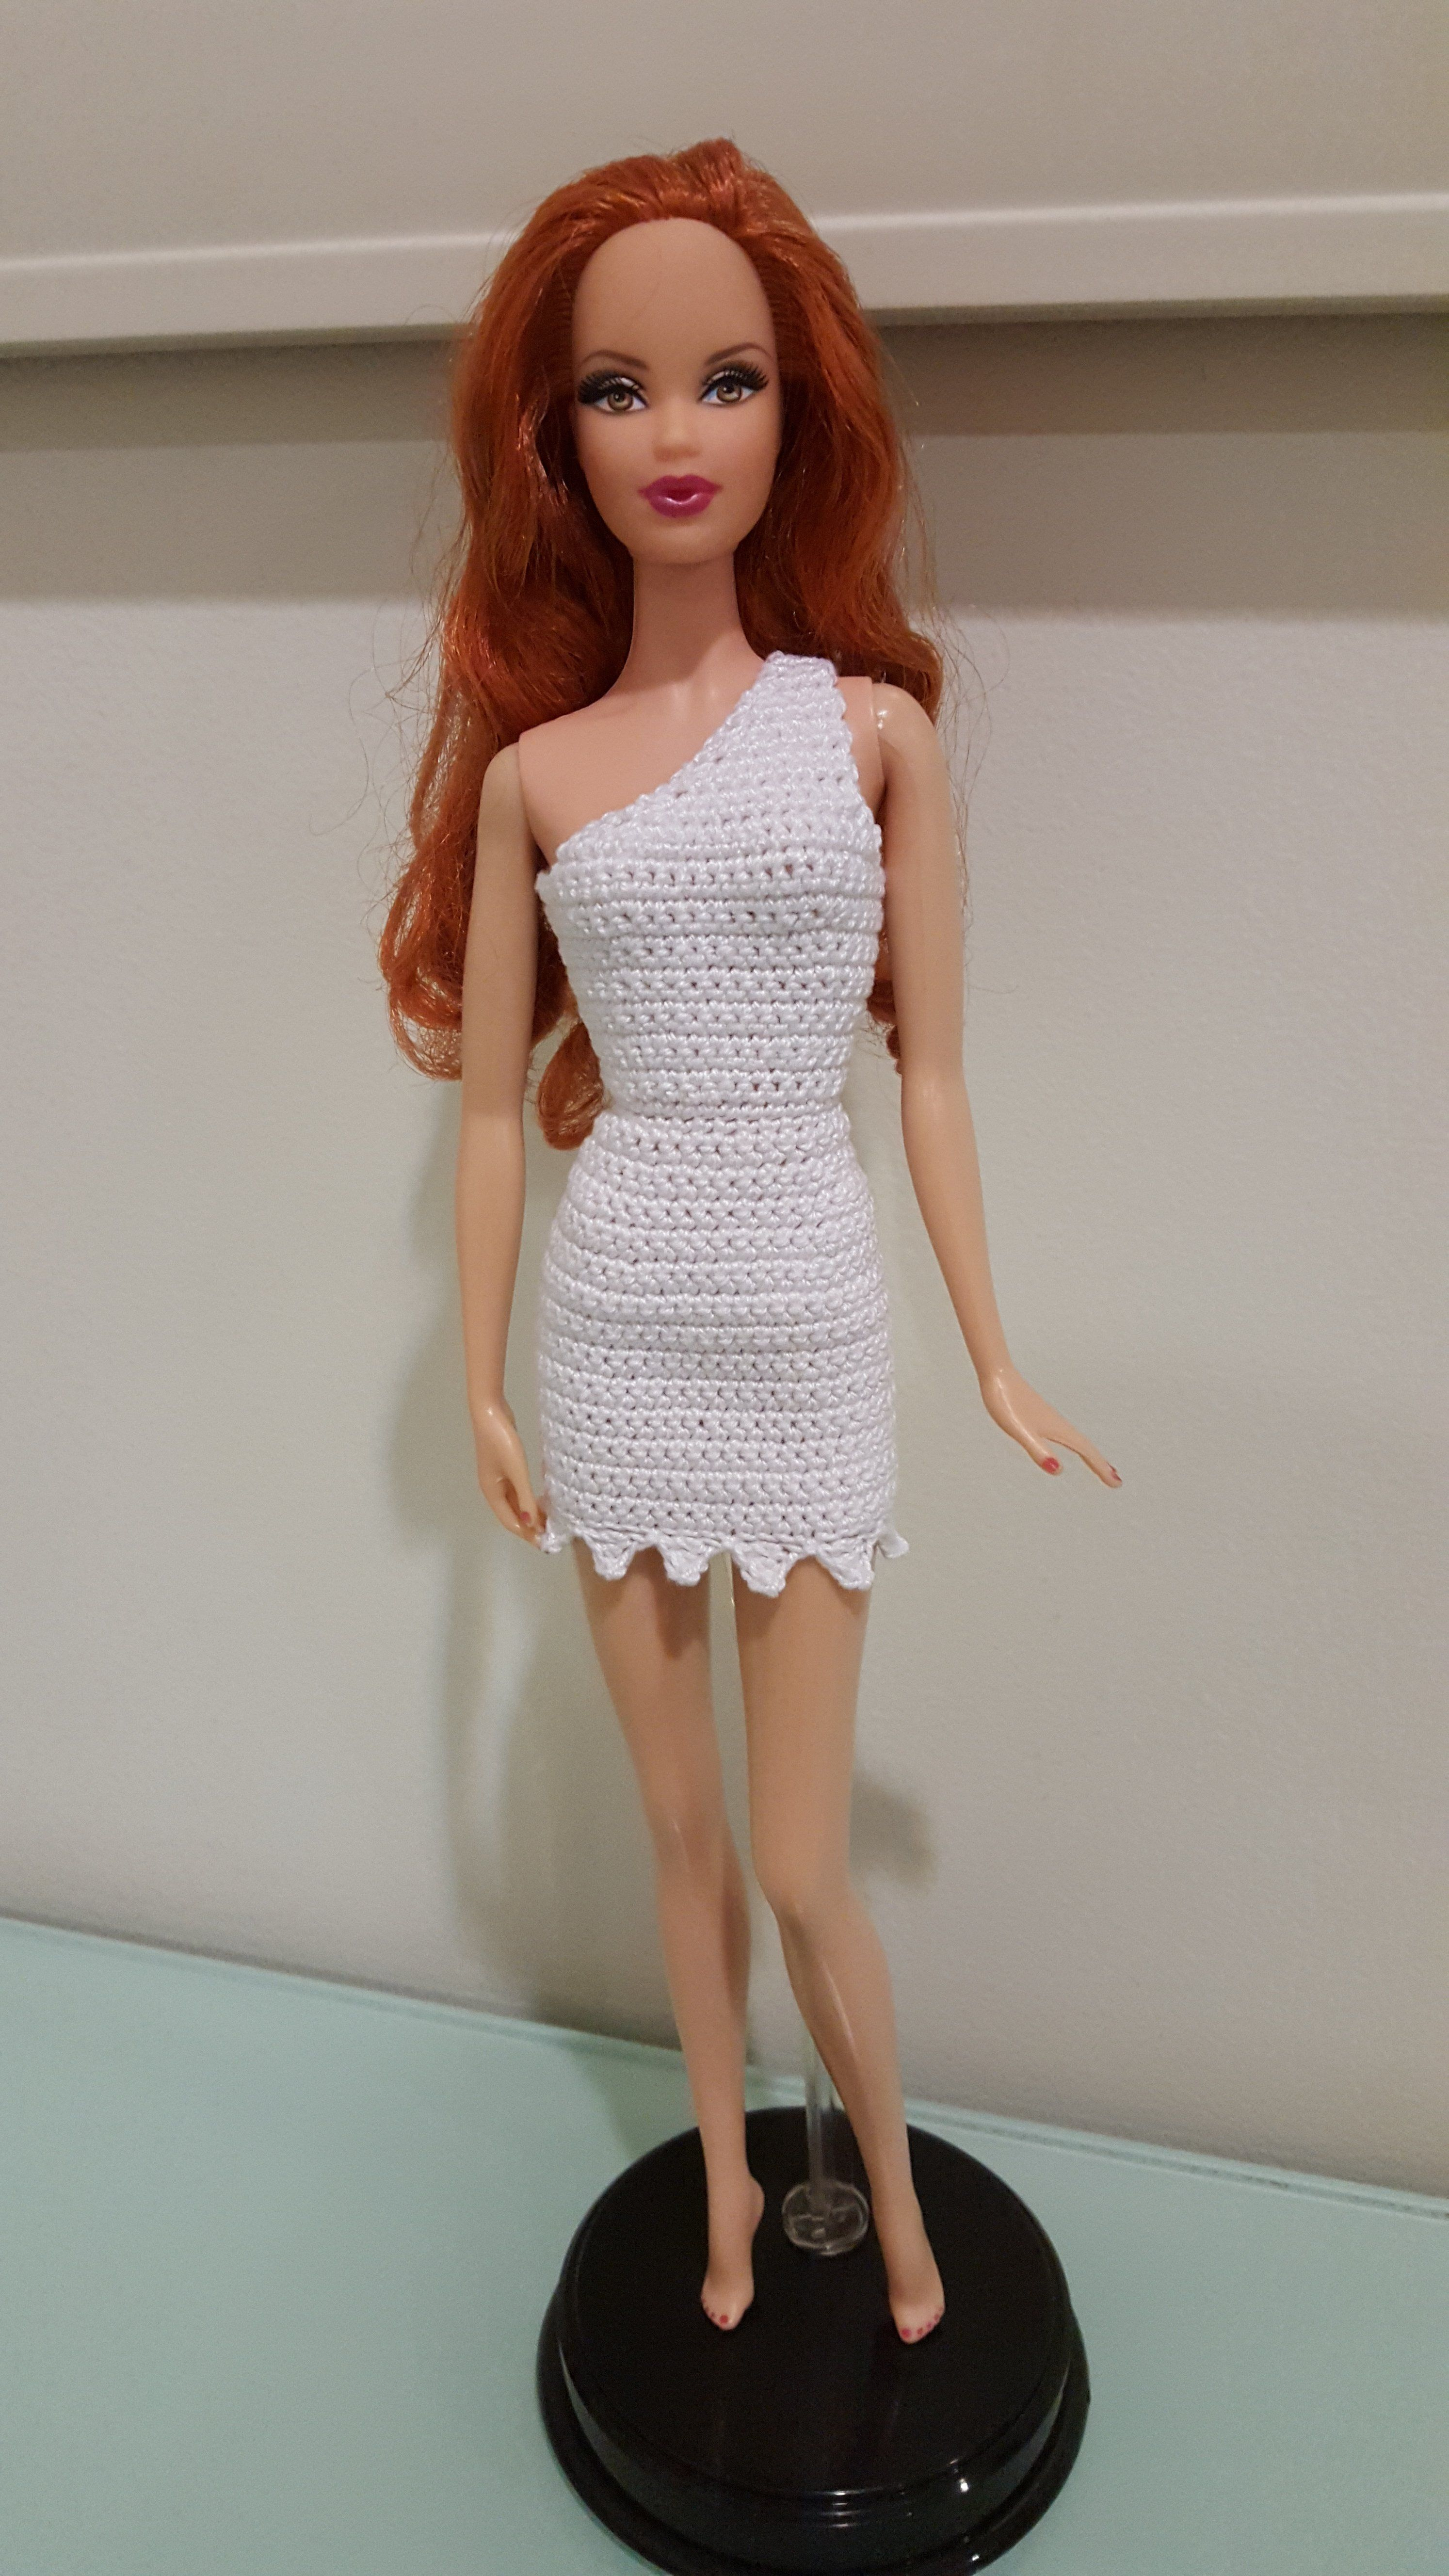 Barbie wilma flintstone inspired bodycon dress free crochet barbie wilma flintstone inspired bodycon dress free crochet pattern bankloansurffo Choice Image